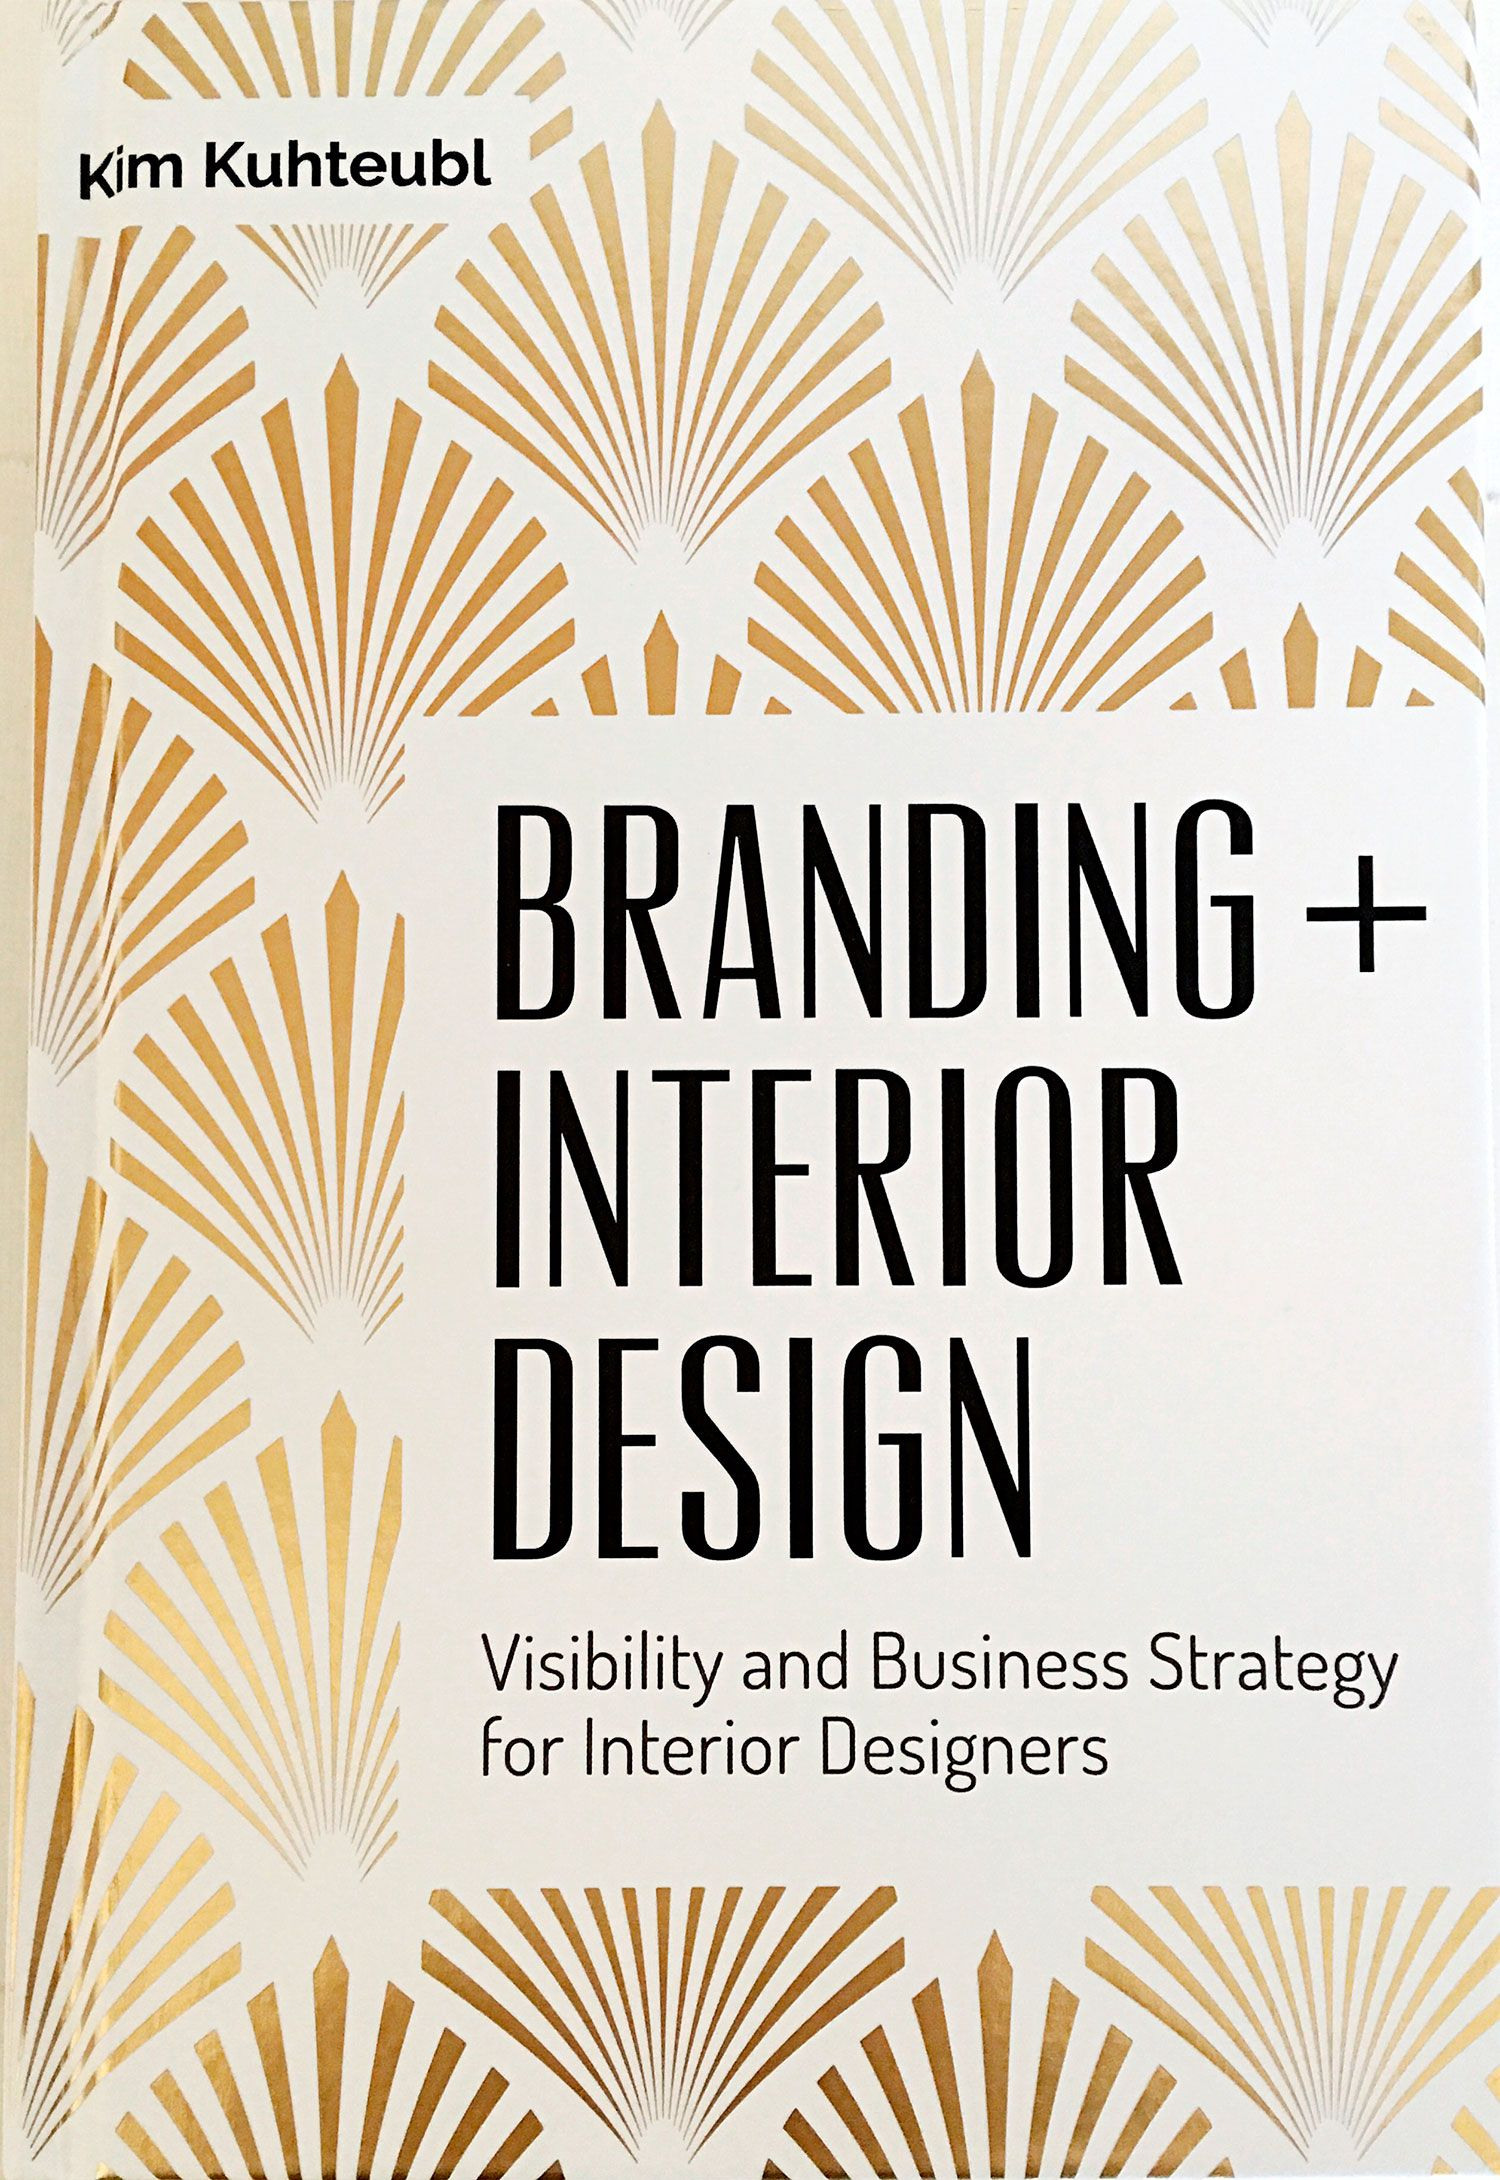 Branding Interior Design Rue Interior Design Business Best Interior Design Websites Interior Design Career